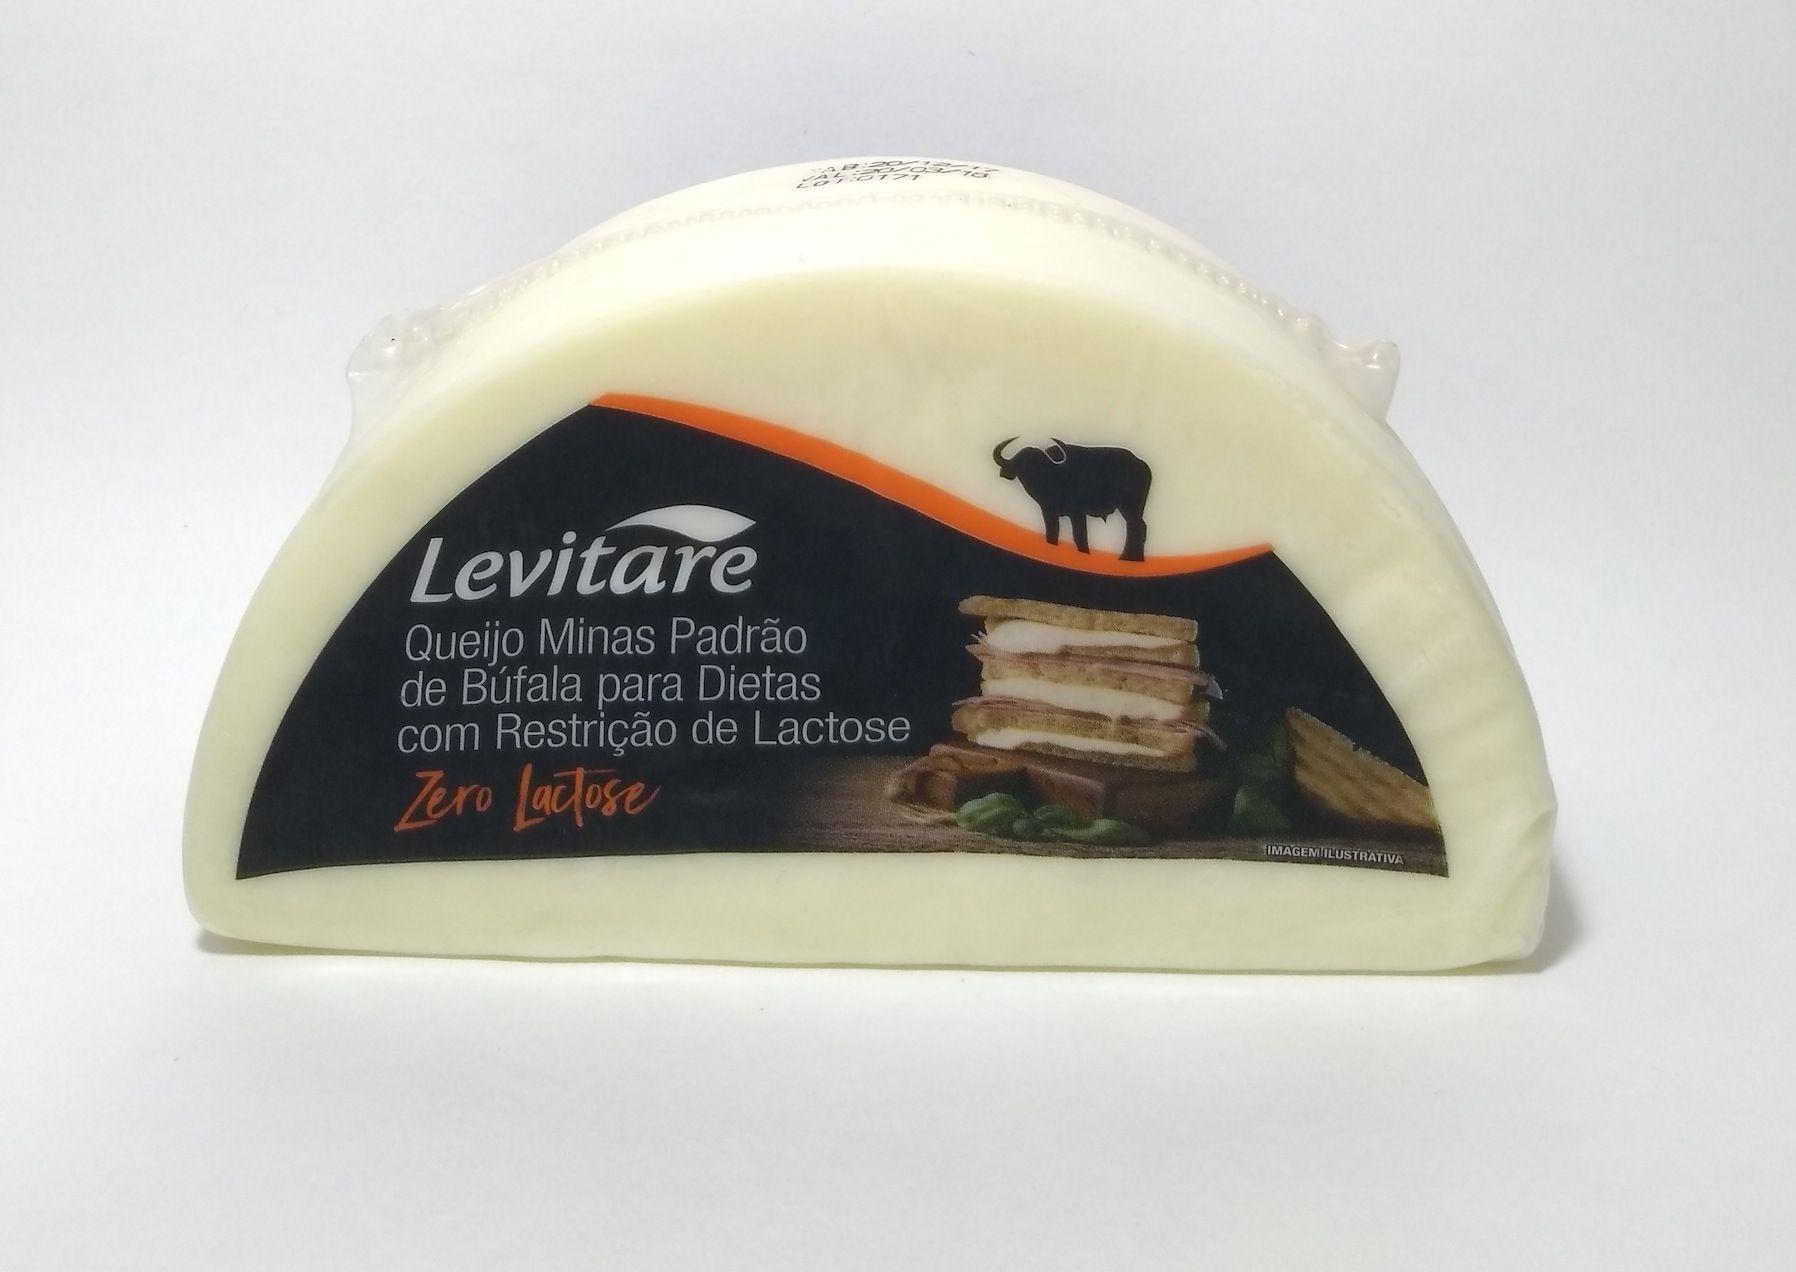 Queijo minas padrão de búfala zero lactose - Levitare